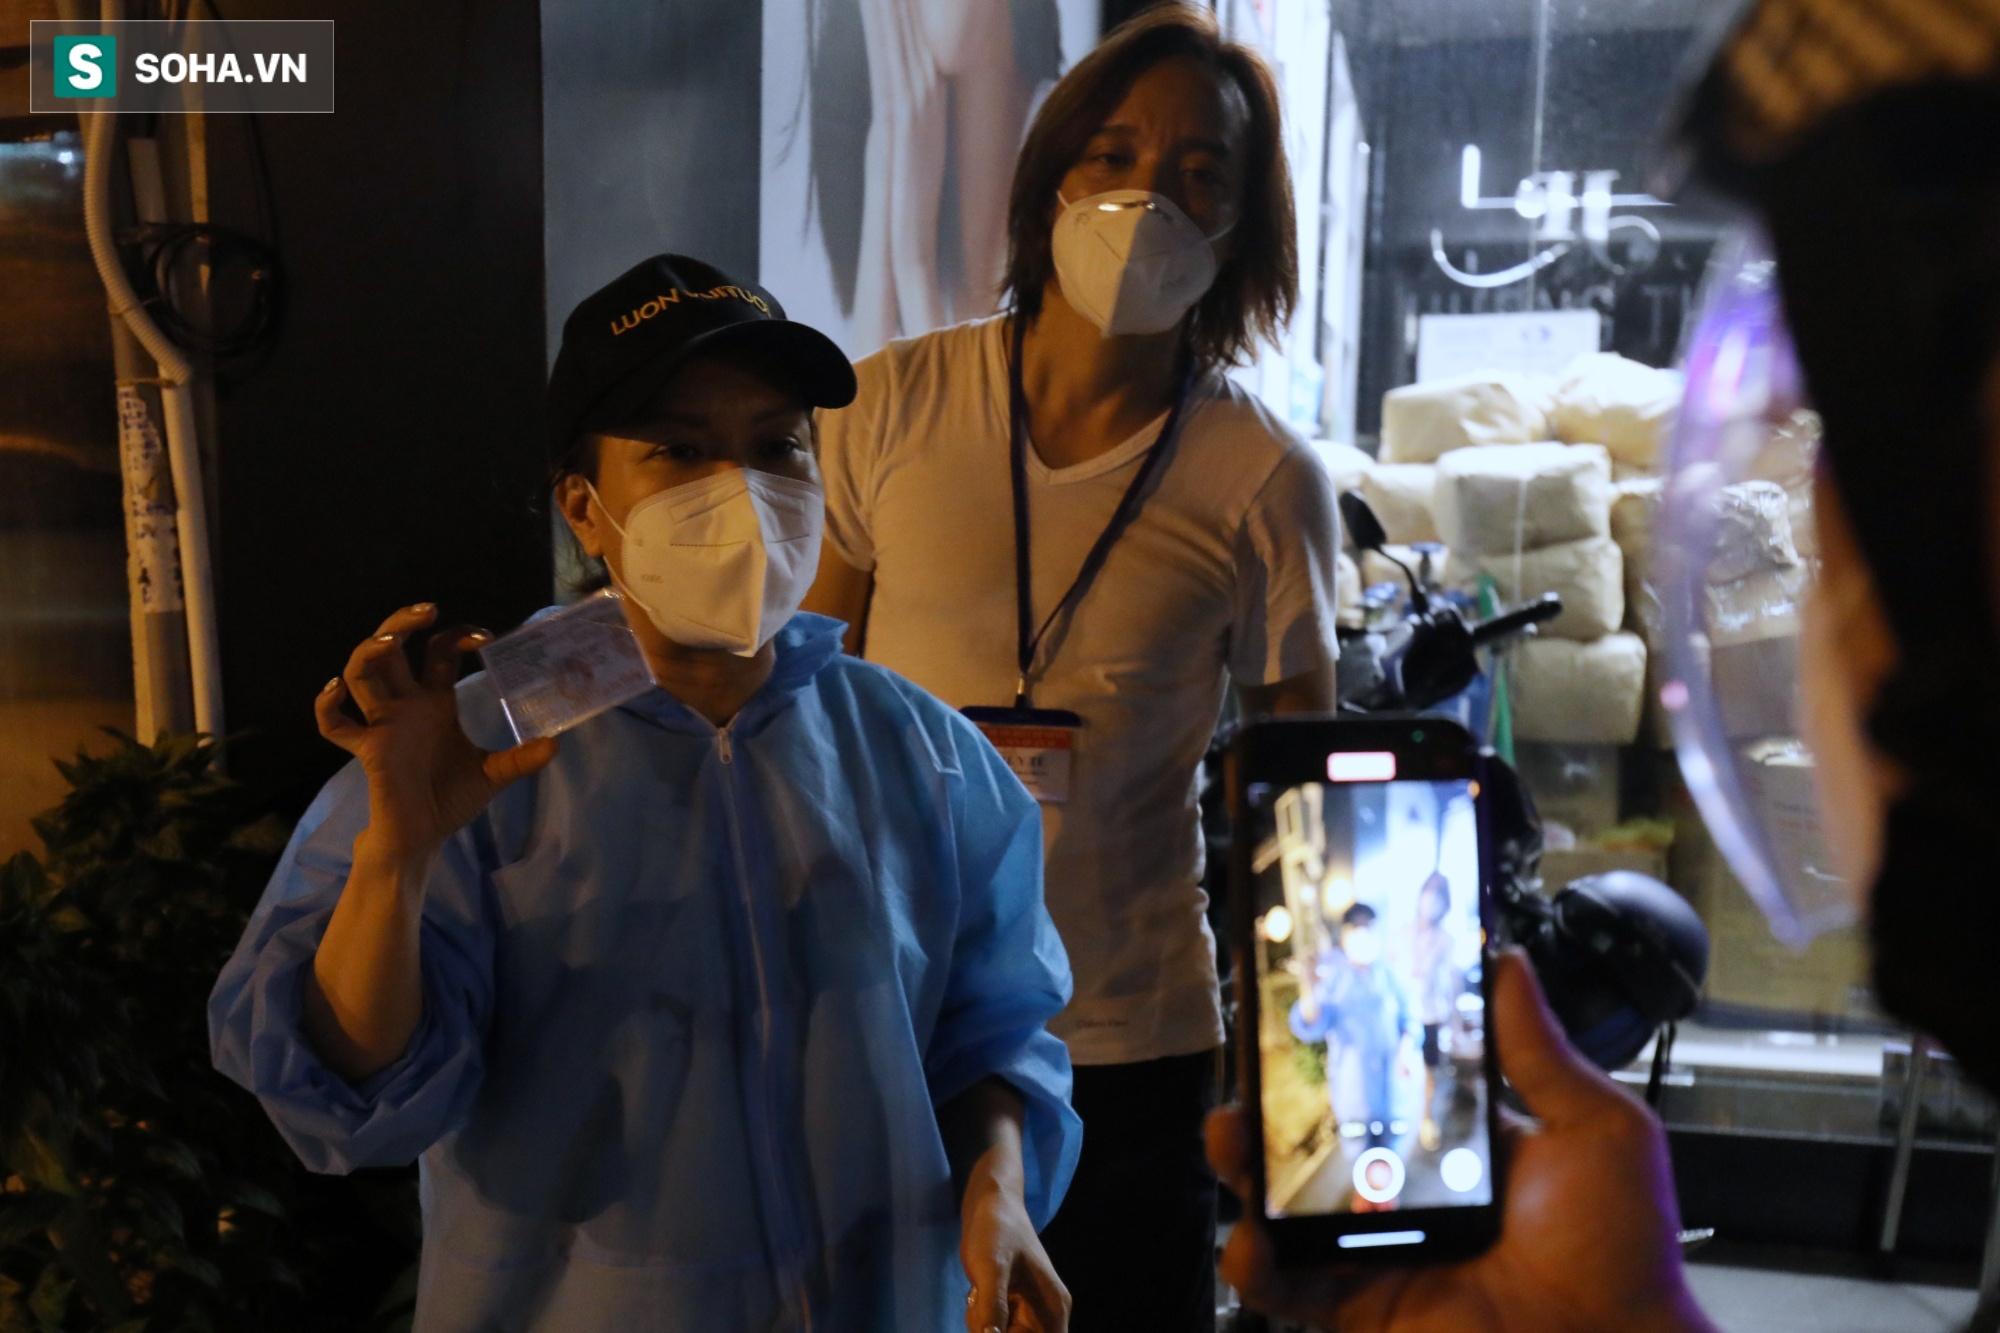 Việt Hương: Hôm nay chị xấu hơn, đen đi nhưng chị đang sống một cuộc đời rất ý nghĩa - Ảnh 16.